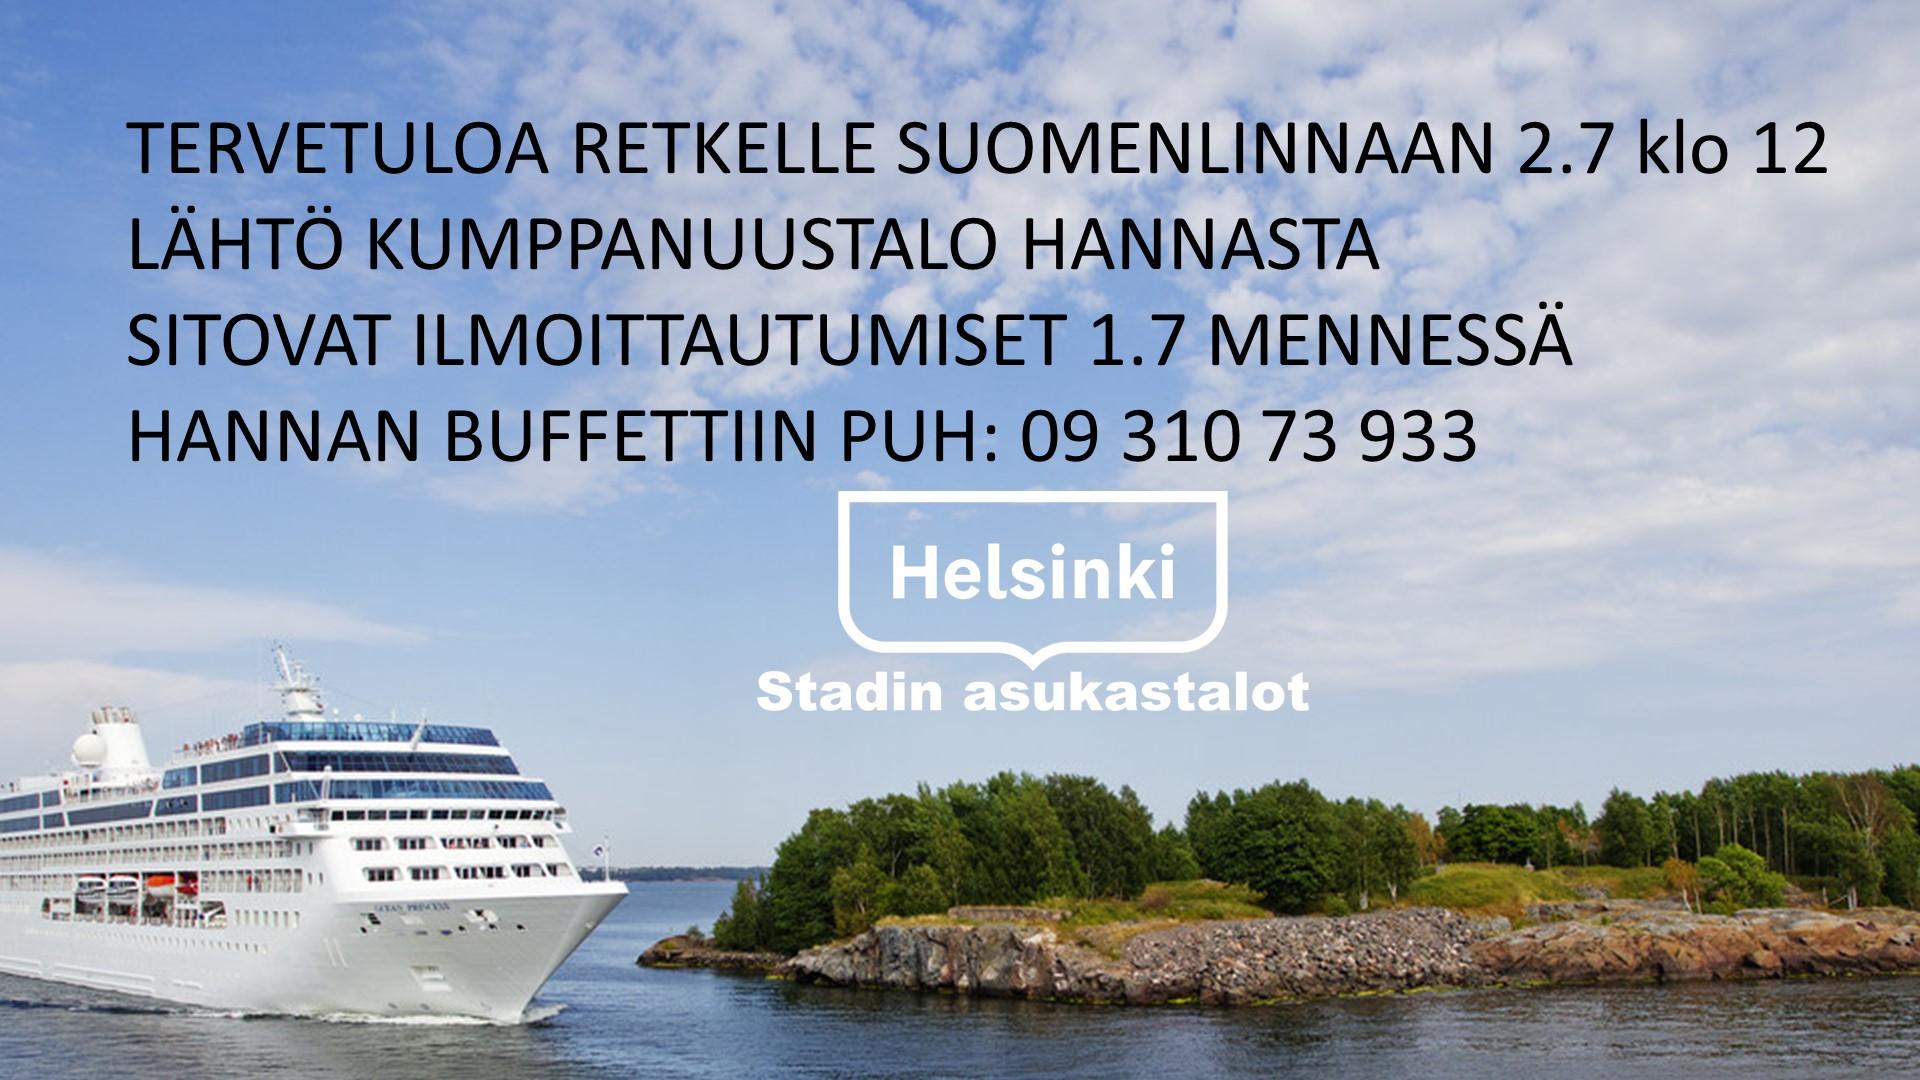 Linkki tapahtumaan Retki Suomenlinnaan 2.7 klo 12.